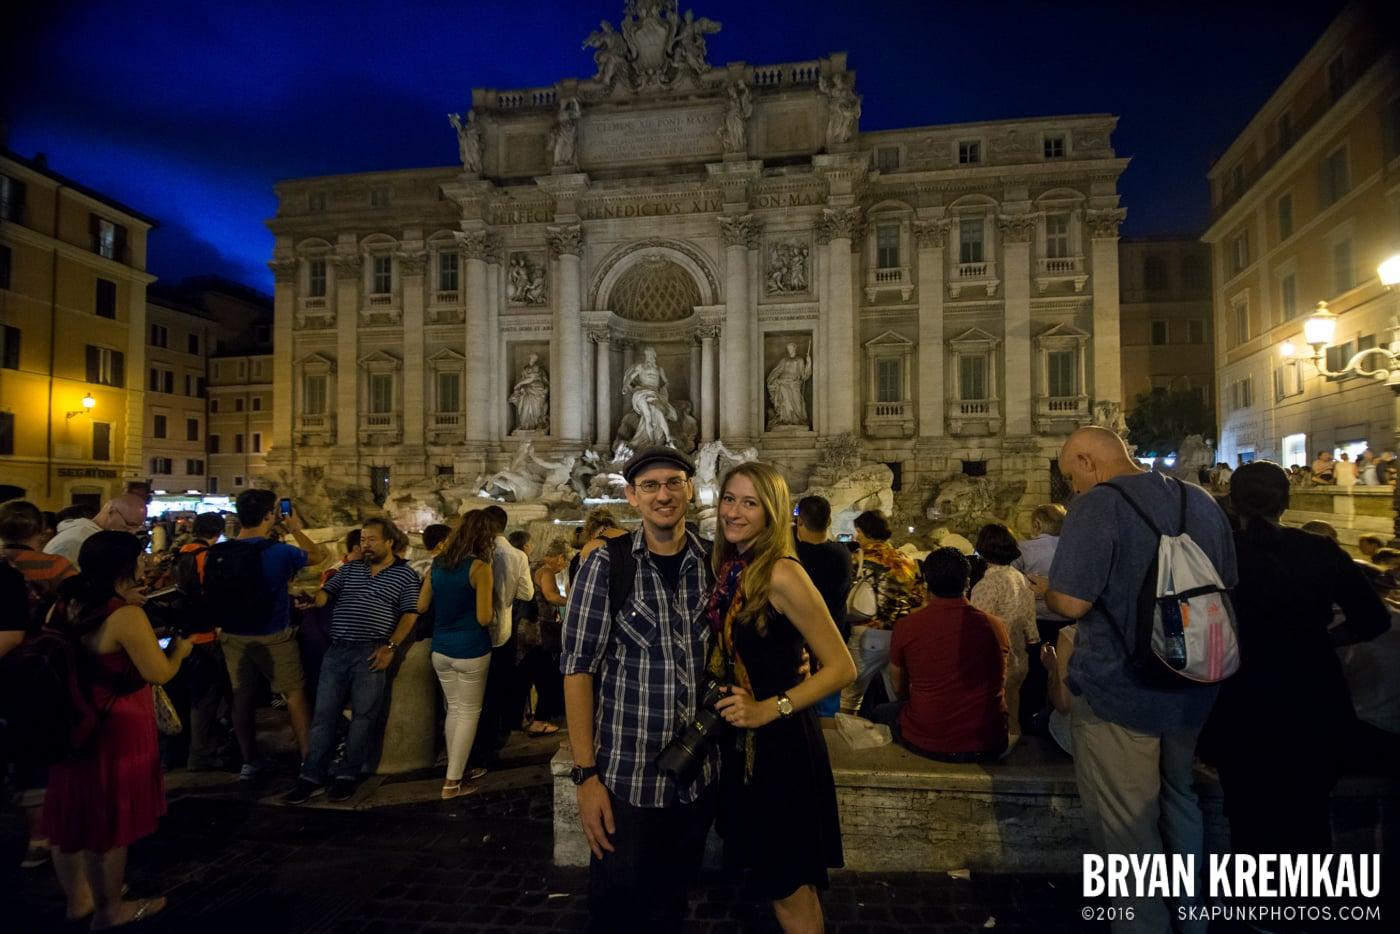 Italy Vacation - Day 1: Rome - 9.9.13 (21)